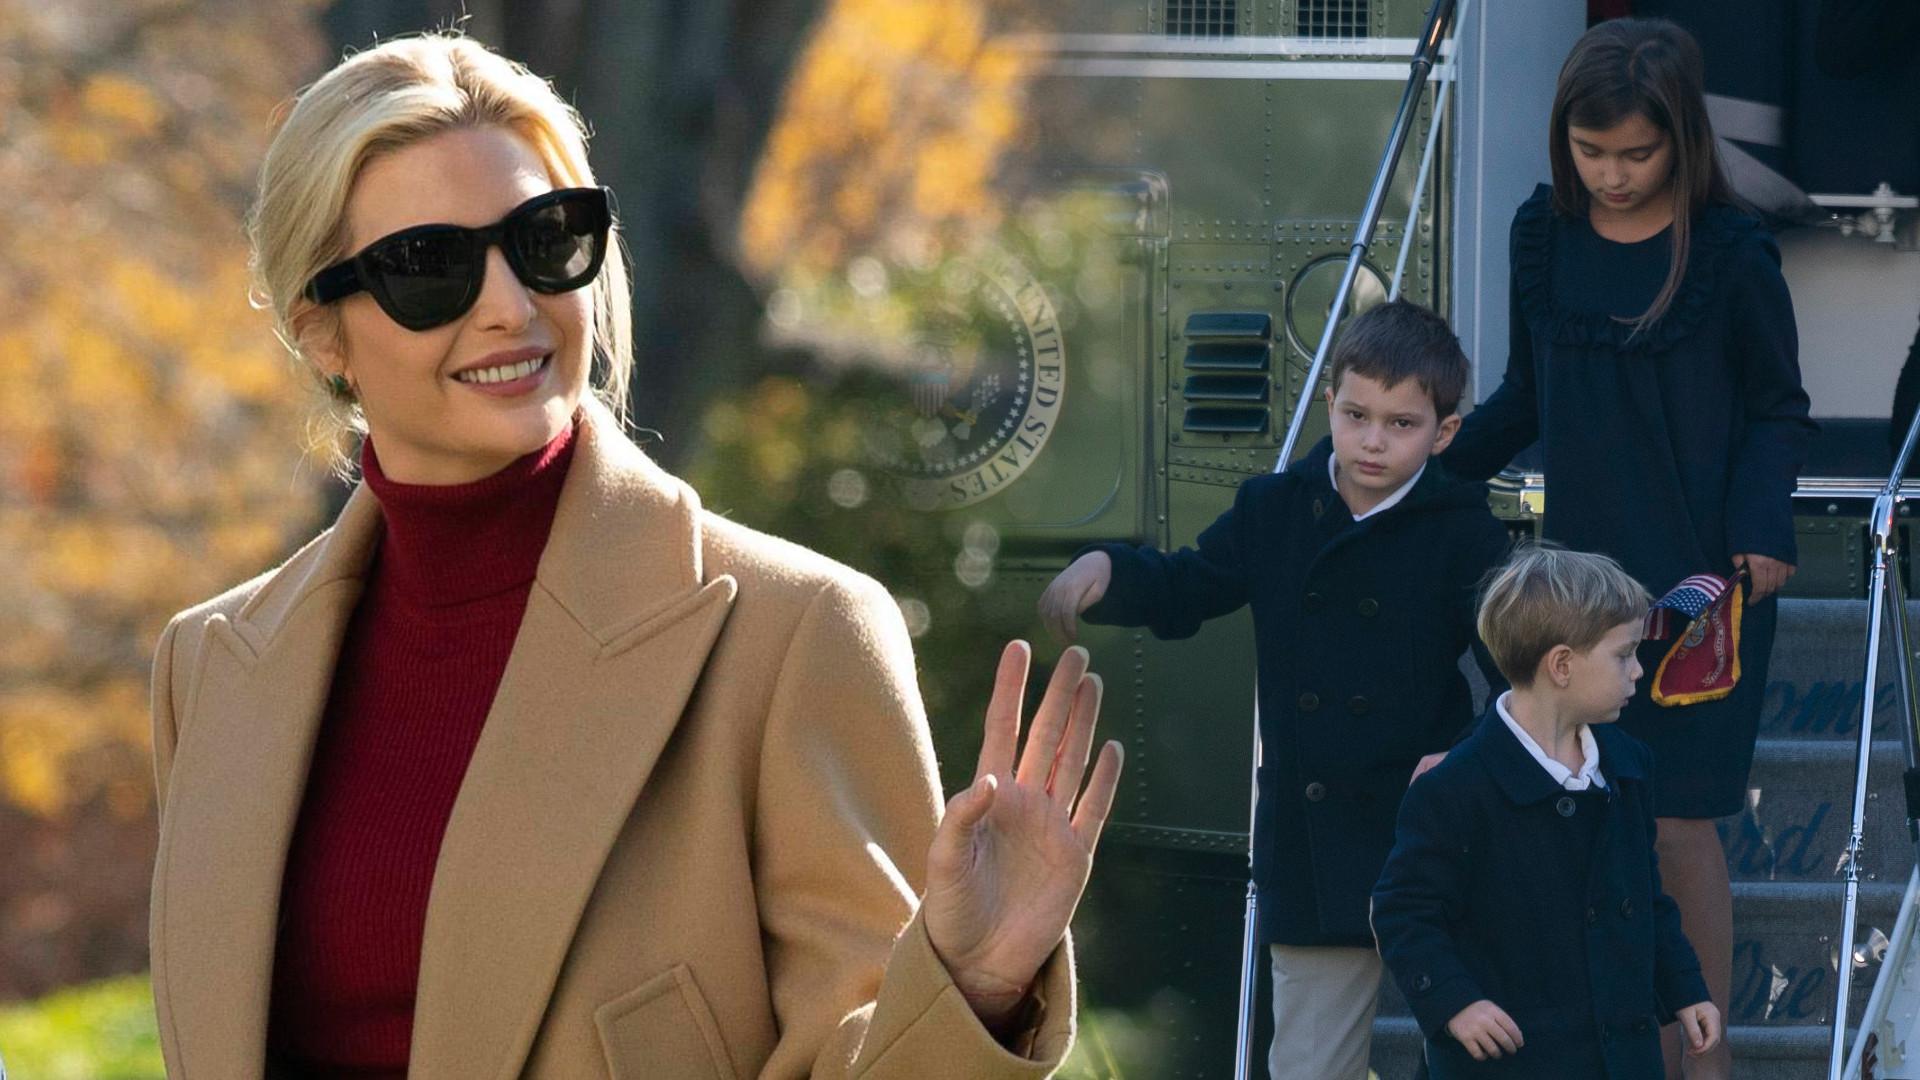 Donald Trump zaprosił wnuki do Białego Domu. Córka Ivanki Trump jest prześliczna (ZDJĘCIA)